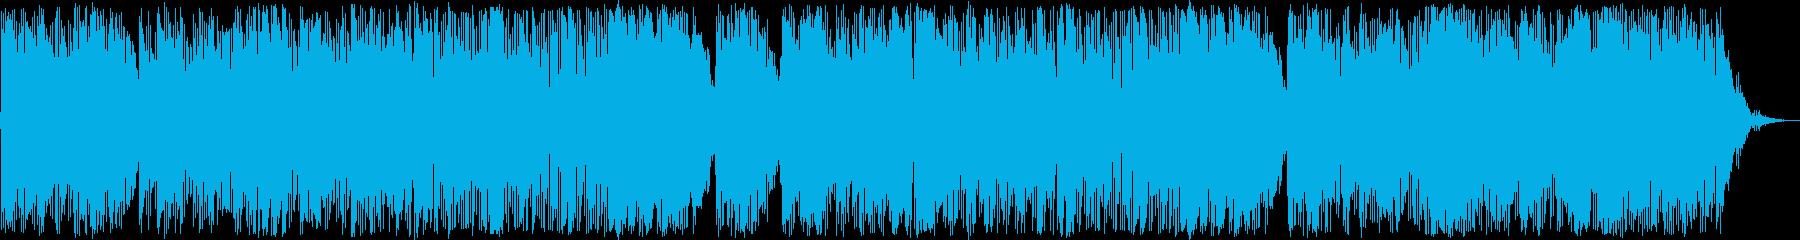 ゆったりして安らぐインスト曲の再生済みの波形